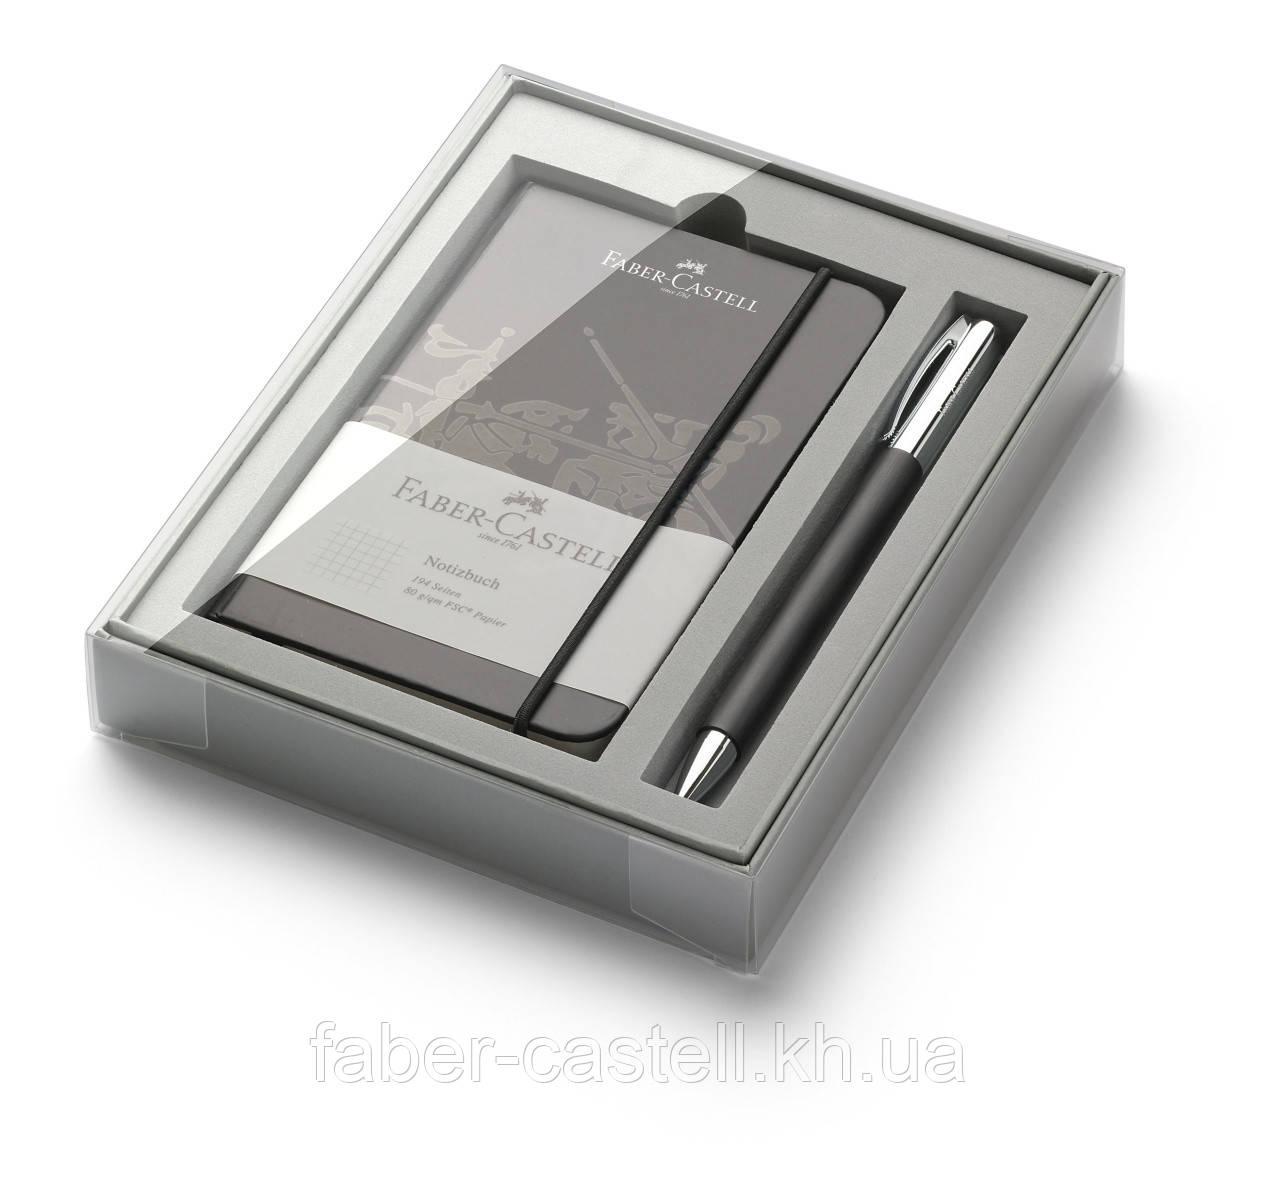 Подарочный набор Faber-Castell Ambition Precious Resin, шариковая ручка + блокнот А6, 149623